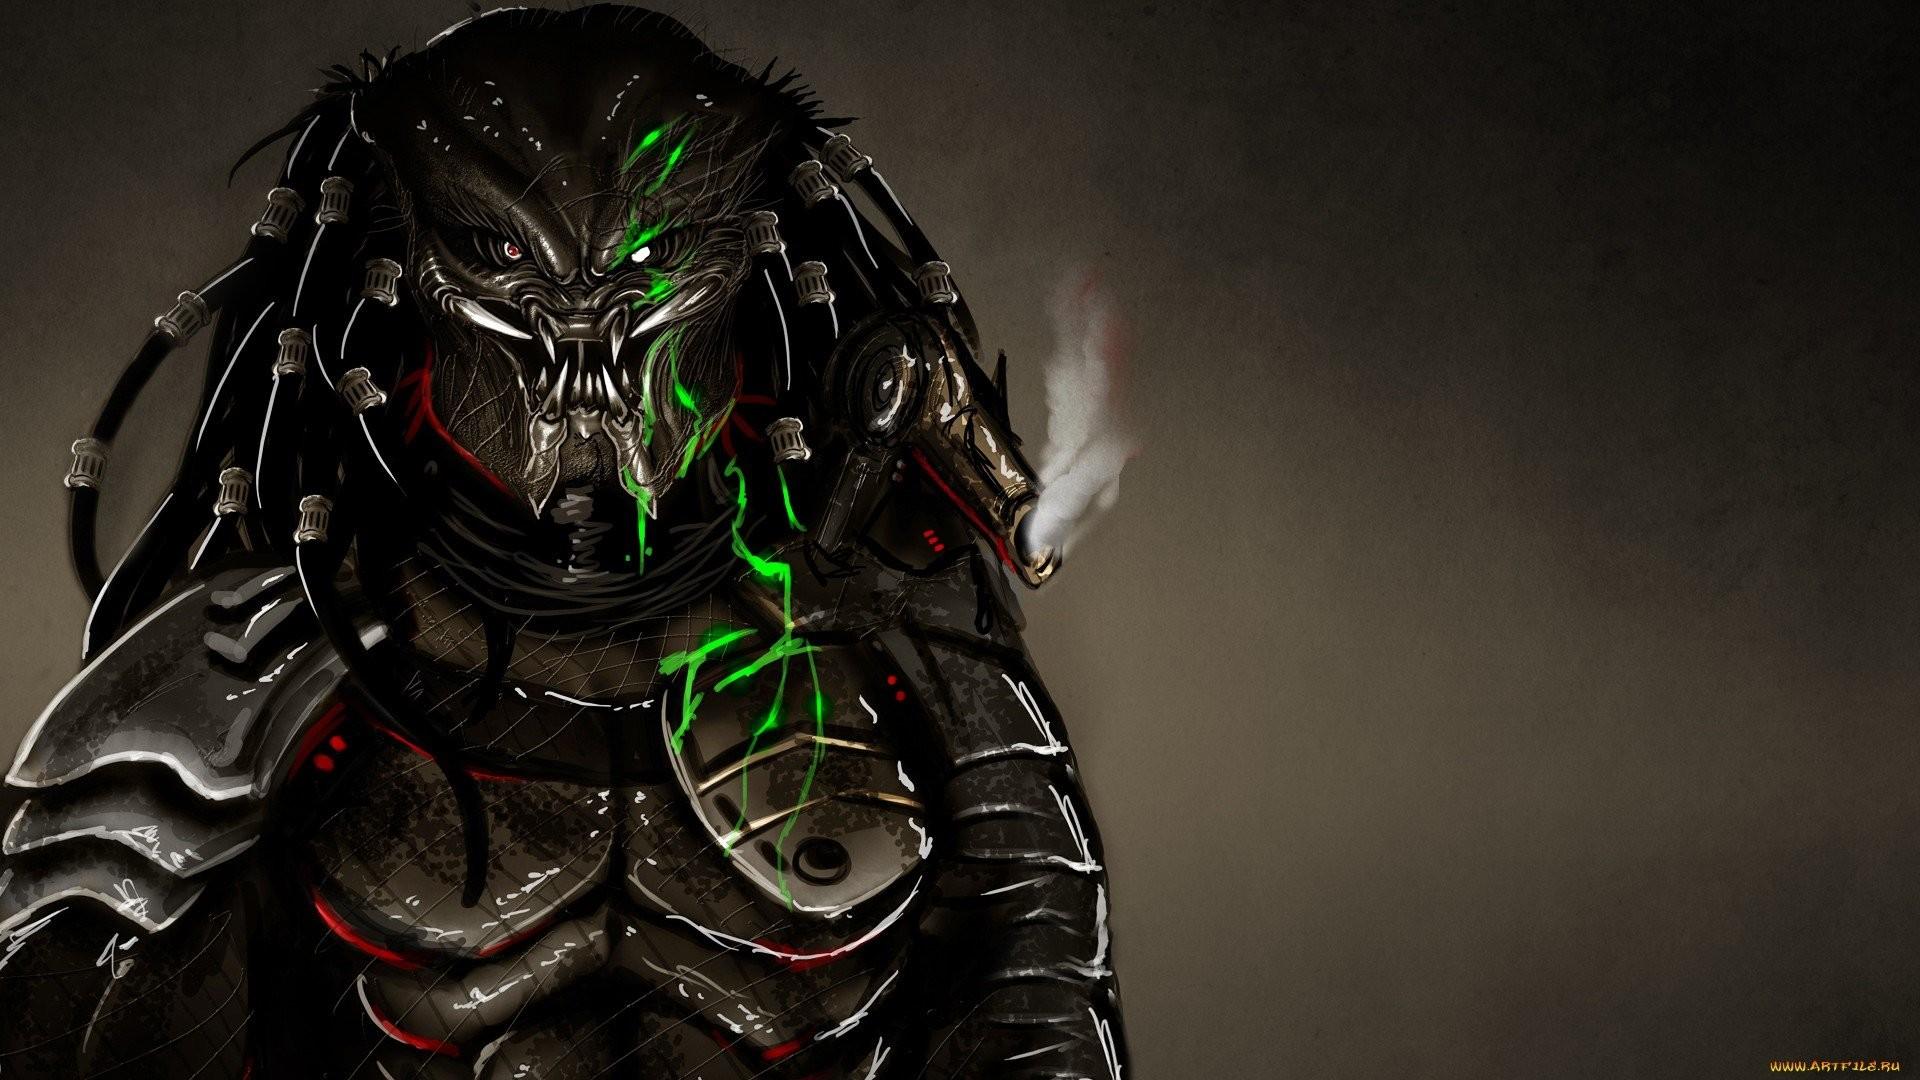 Predator Wallpaper Hd Wallpapertag